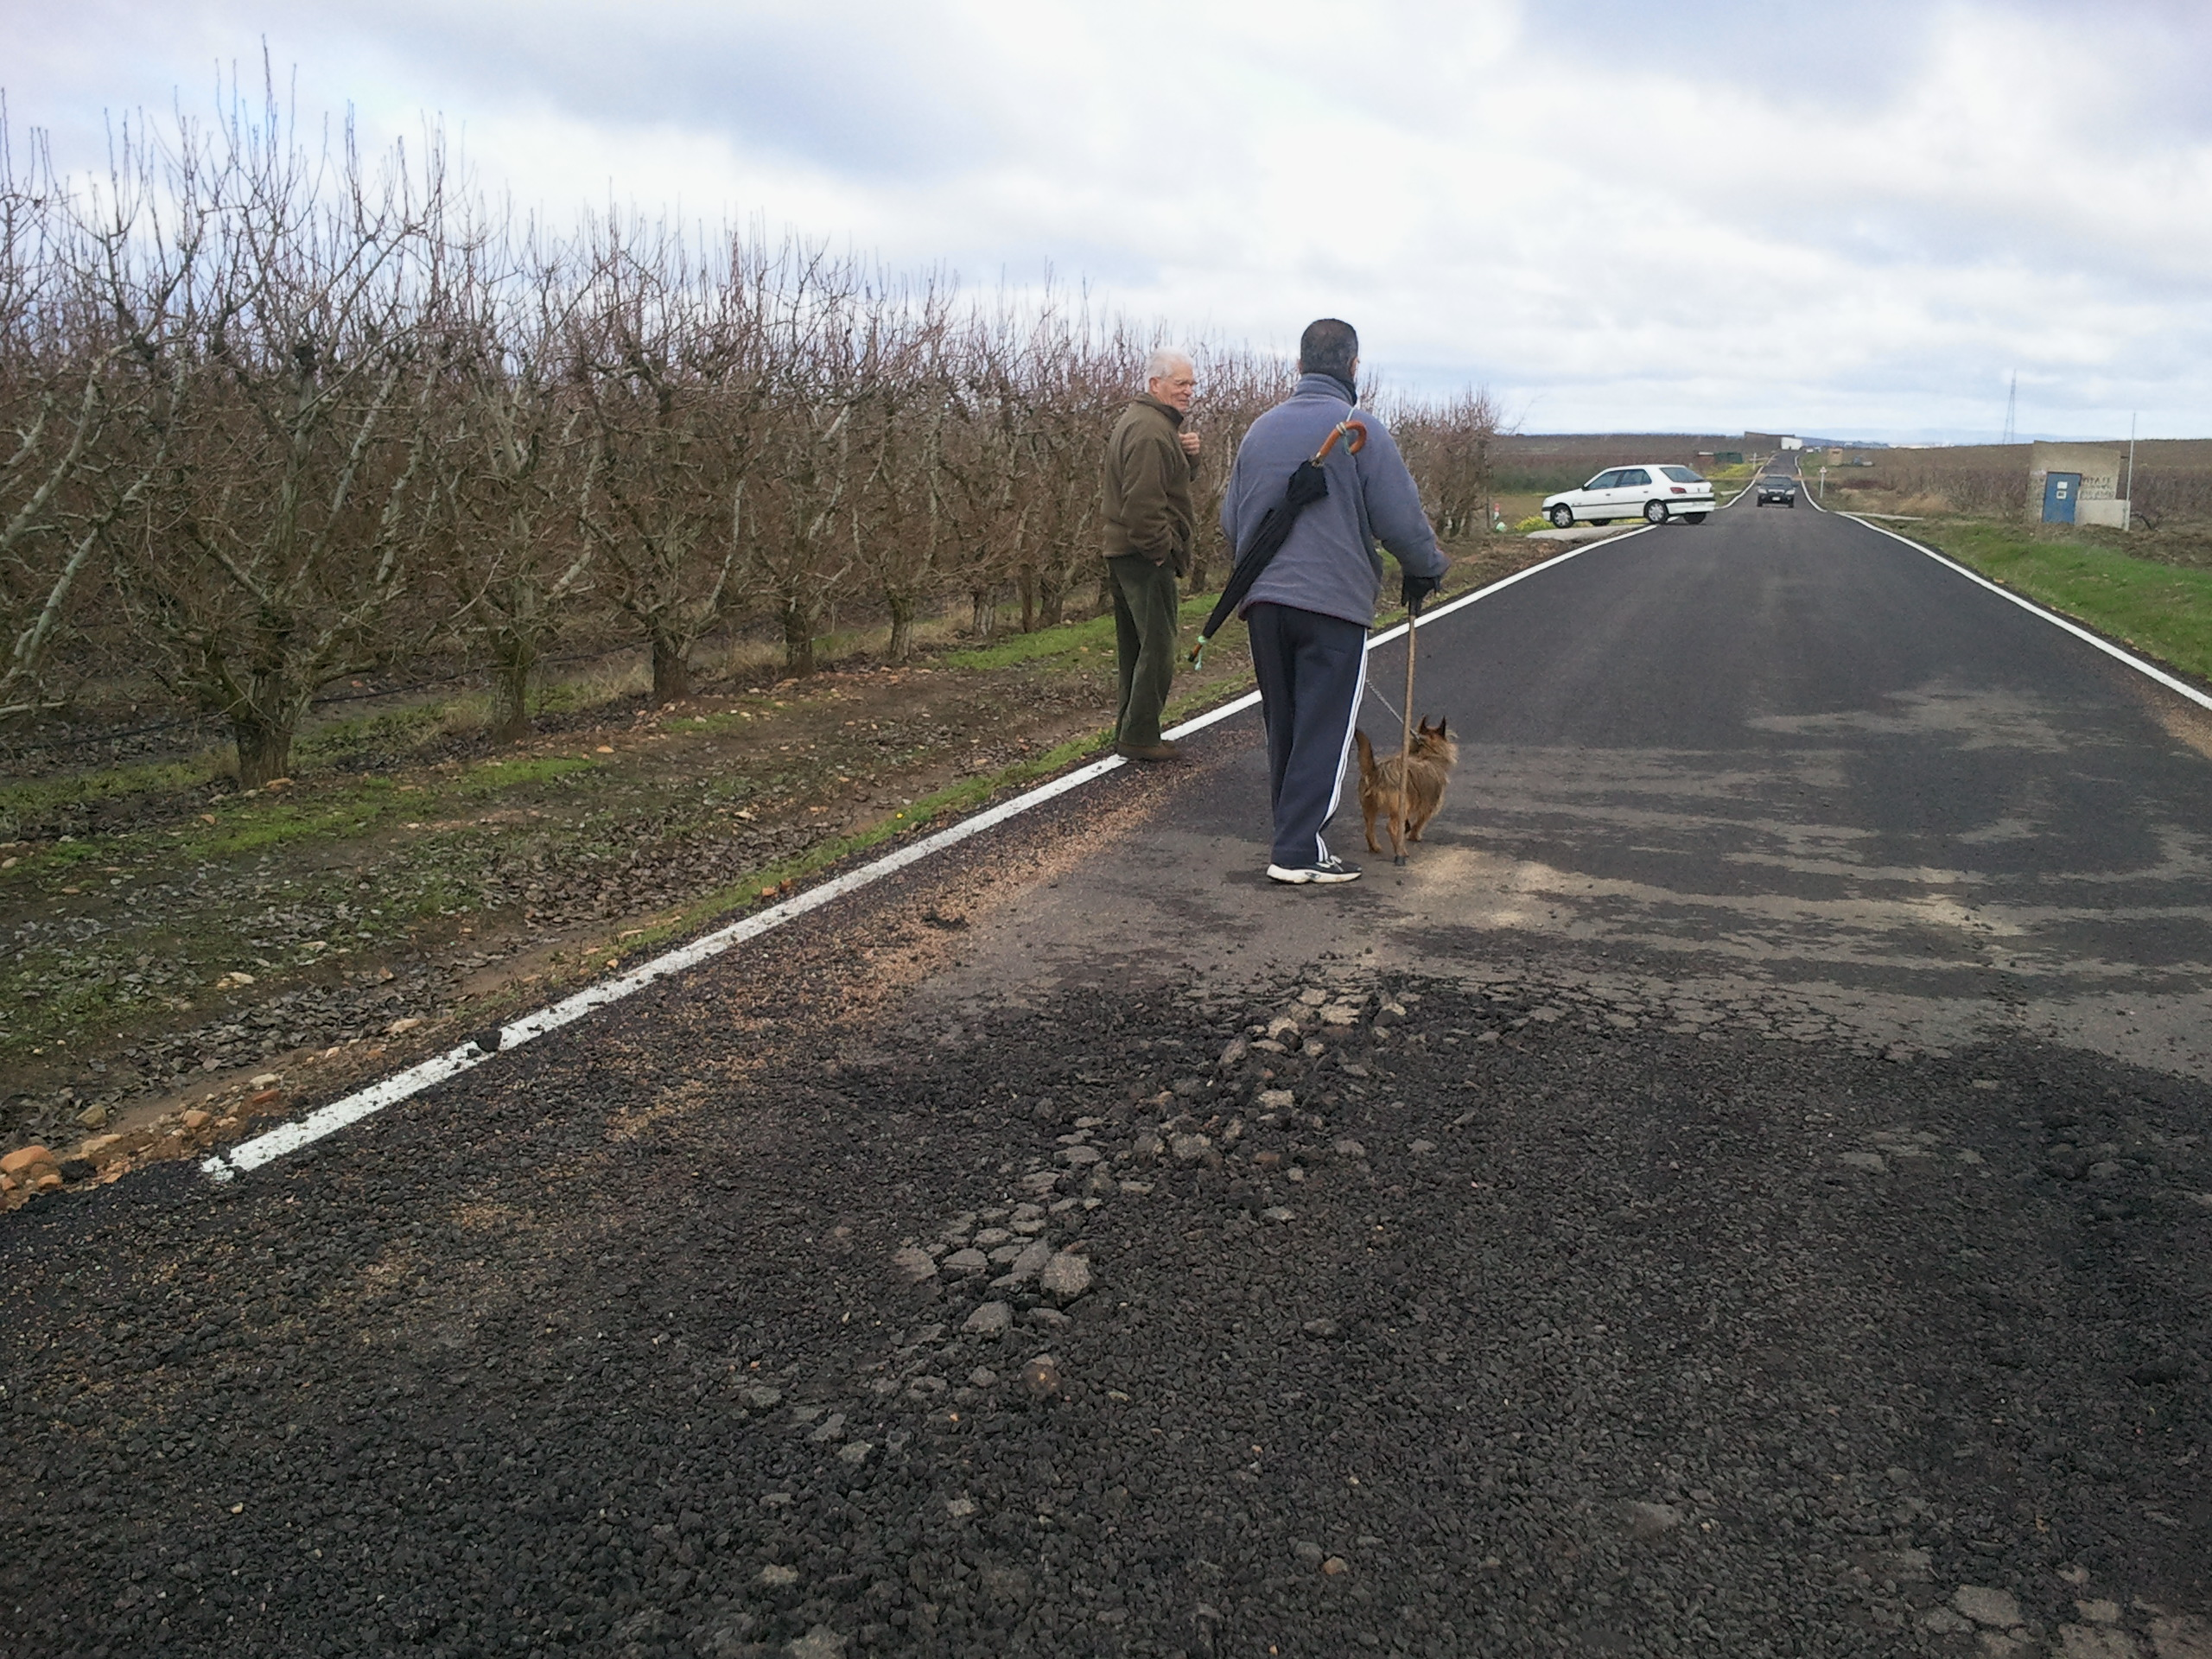 Las recientes lluvias provocan el levantamiento de caminos vecinales en Calamonte